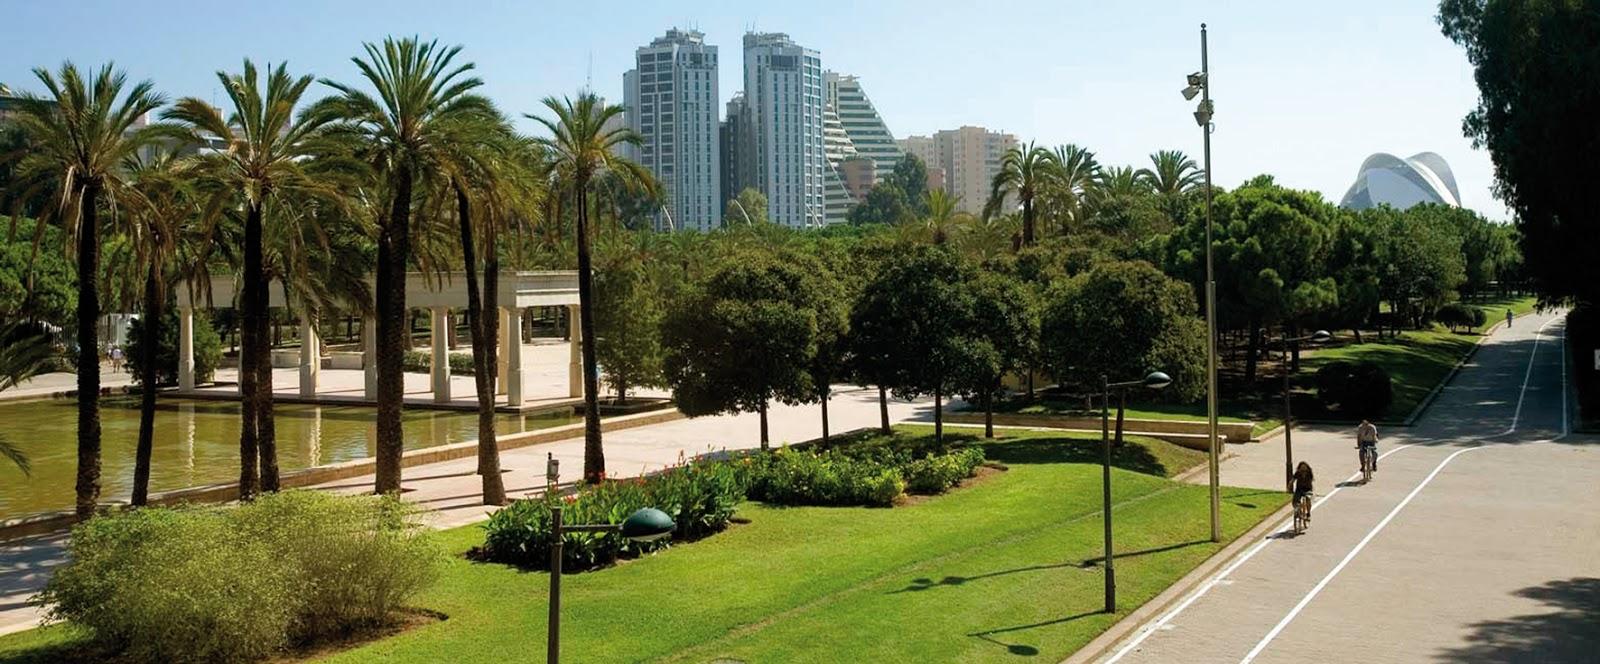 Folding style valencia escursione al parco naturale dell 39 albufera - Jardin del turia valencia ...